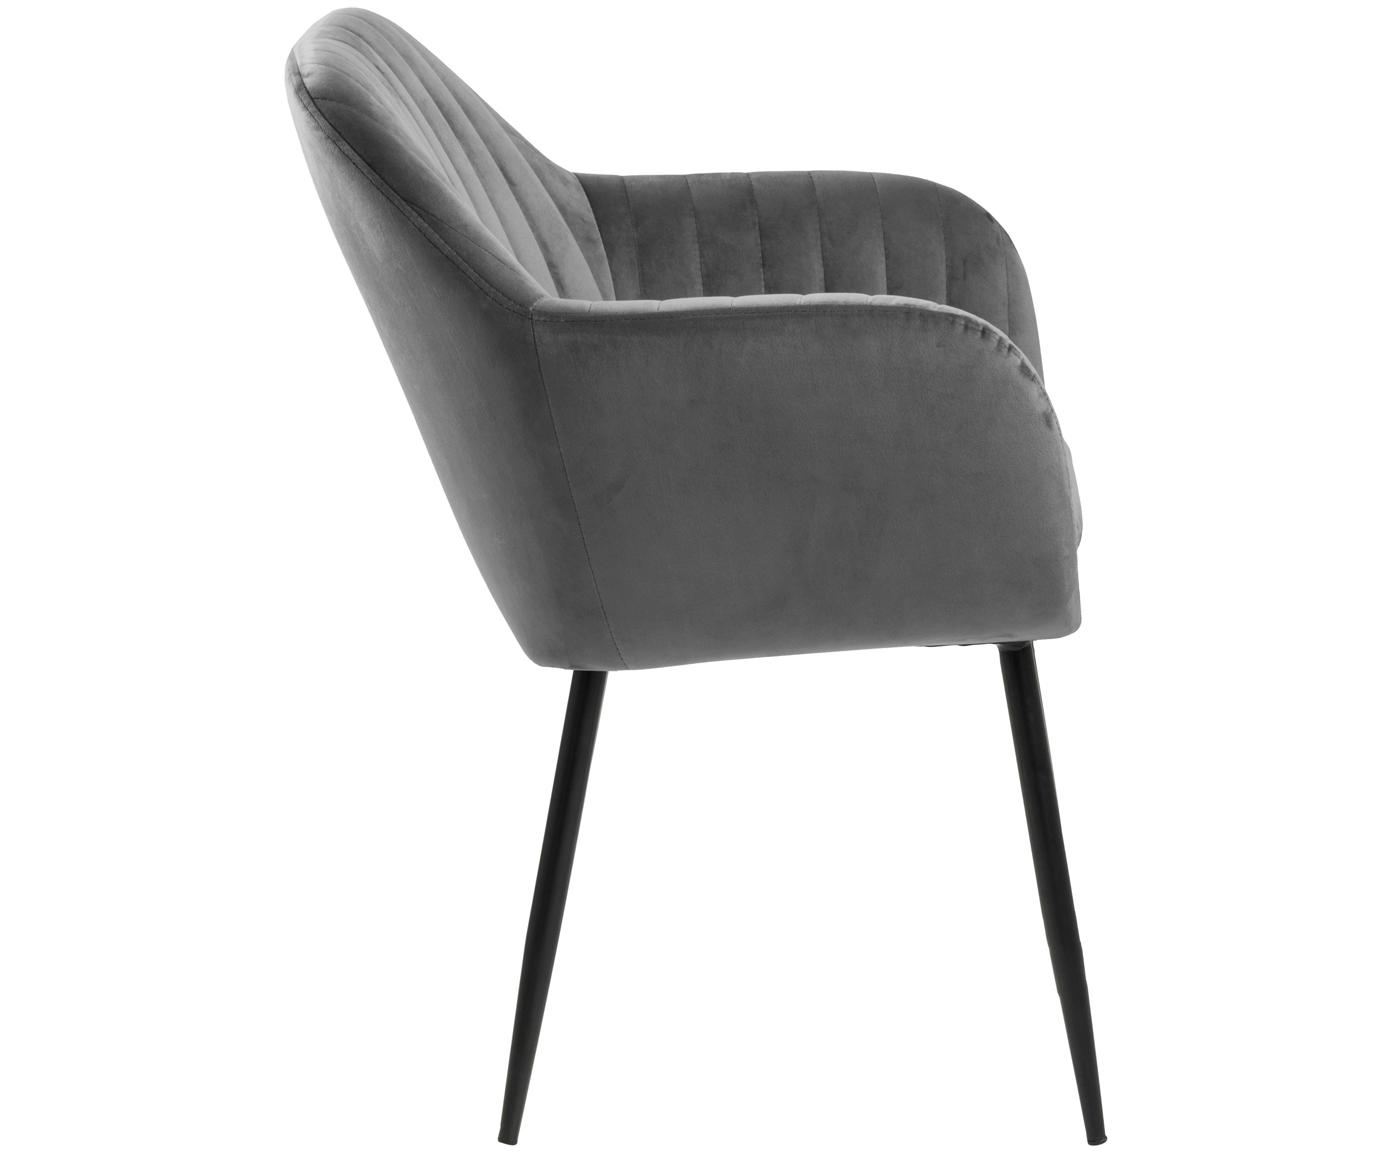 Krzesło z podłokietnikami z aksamitu Emilia, Tapicerka: aksamit poliestrowy 2500, Nogi: metal lakierowany, Ciemnyszary, czarny, S 57 x G 59 cm